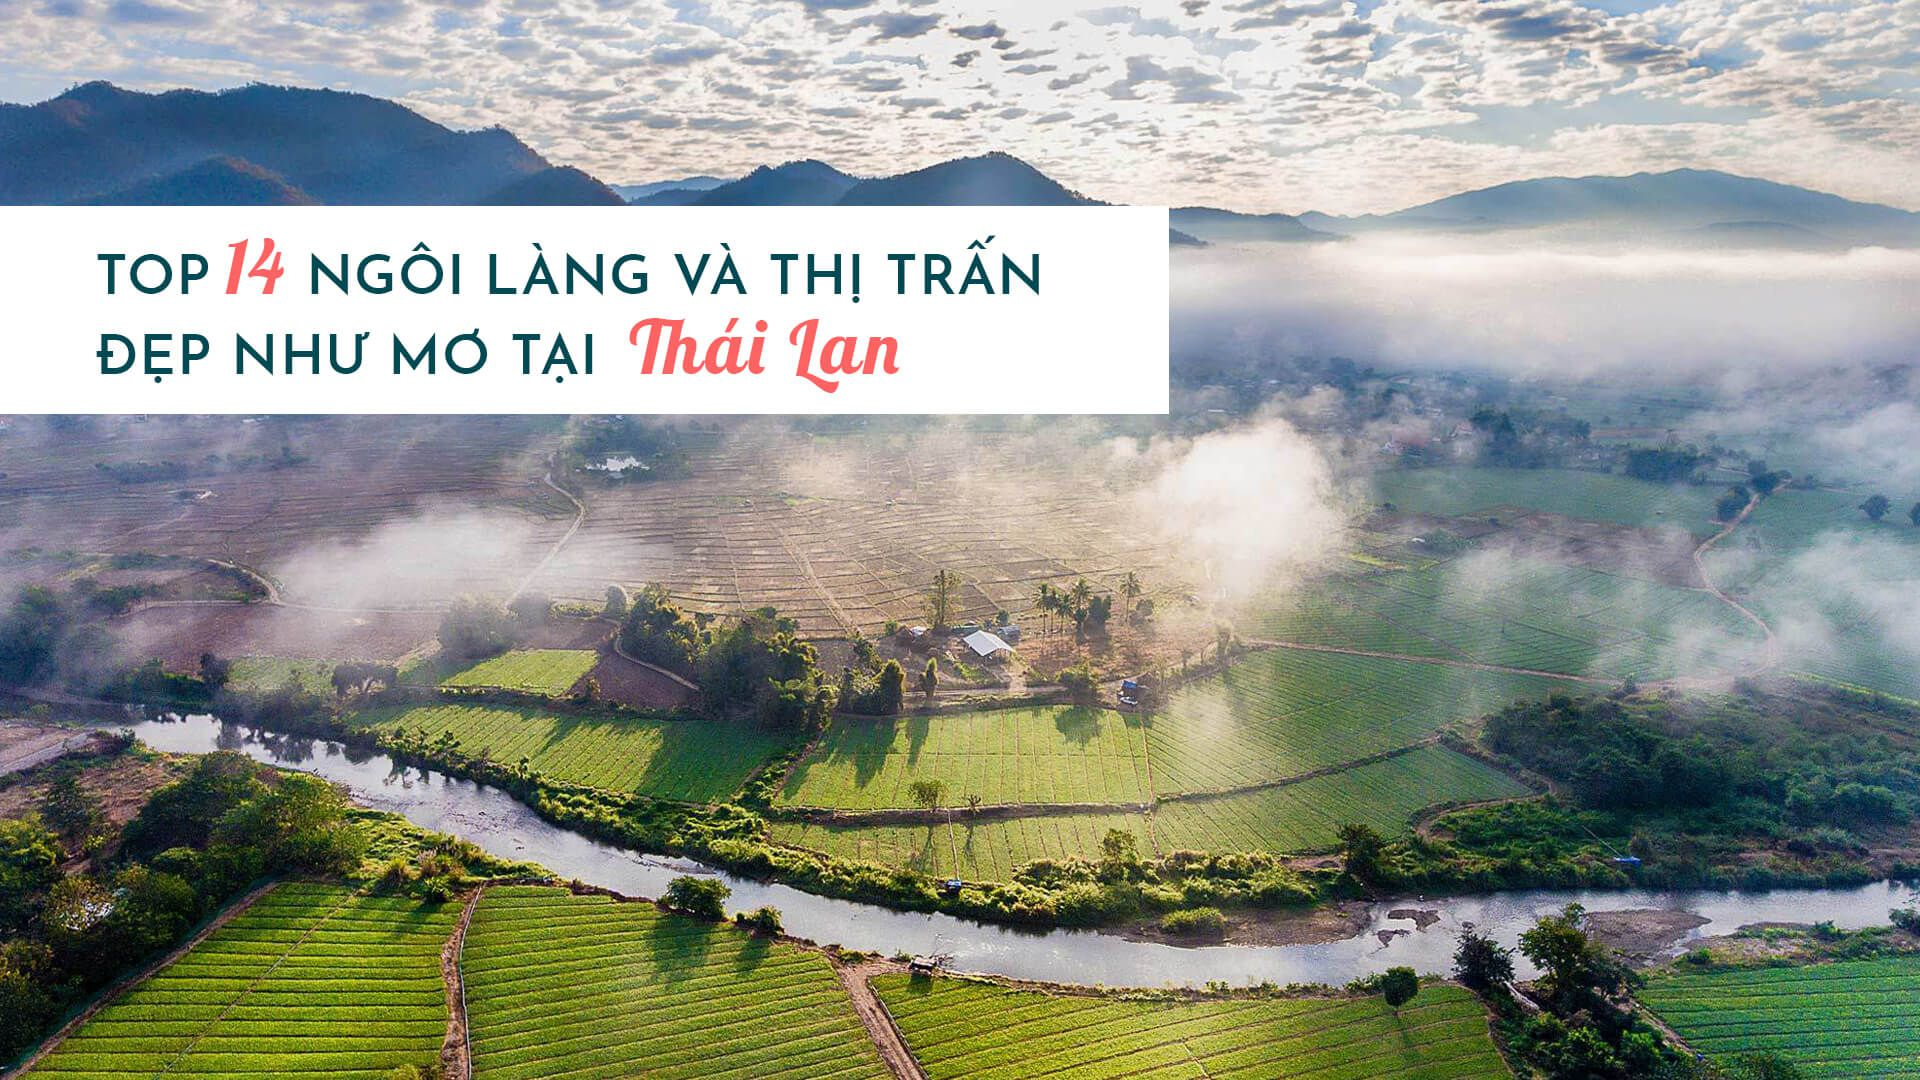 Top 14 ngôi làng và thị trấn đẹp như mơ tại Thái Lan